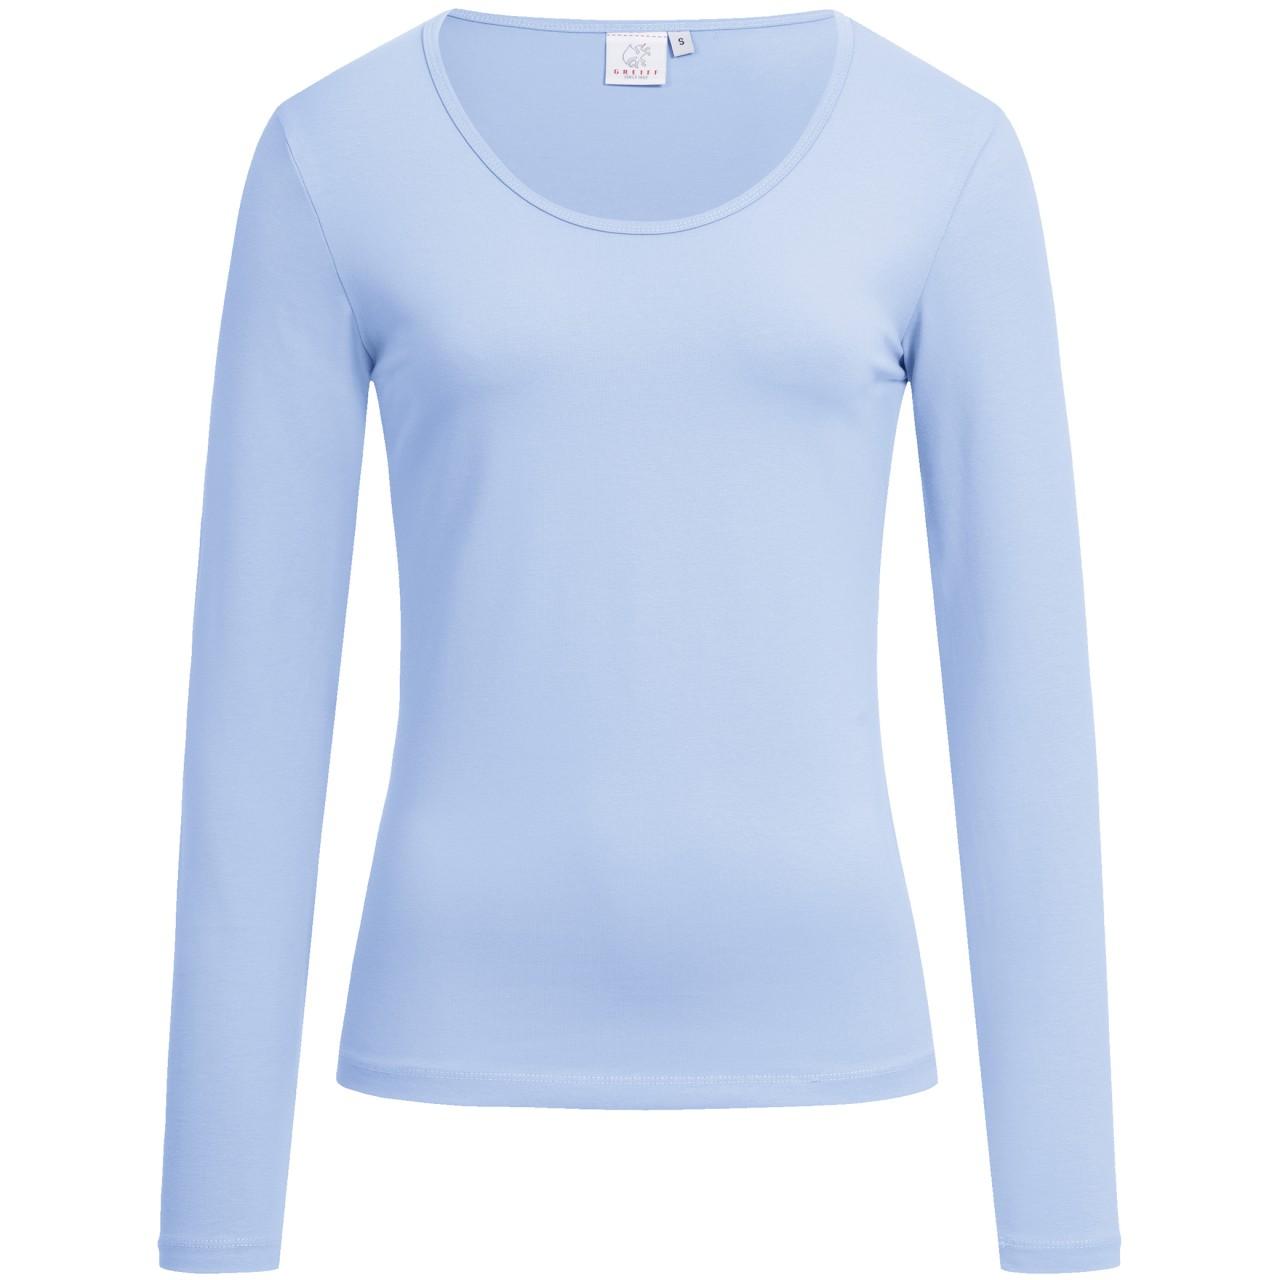 b9360b232b53b4 Damen Langarm Service-T-Shirt Greiff®